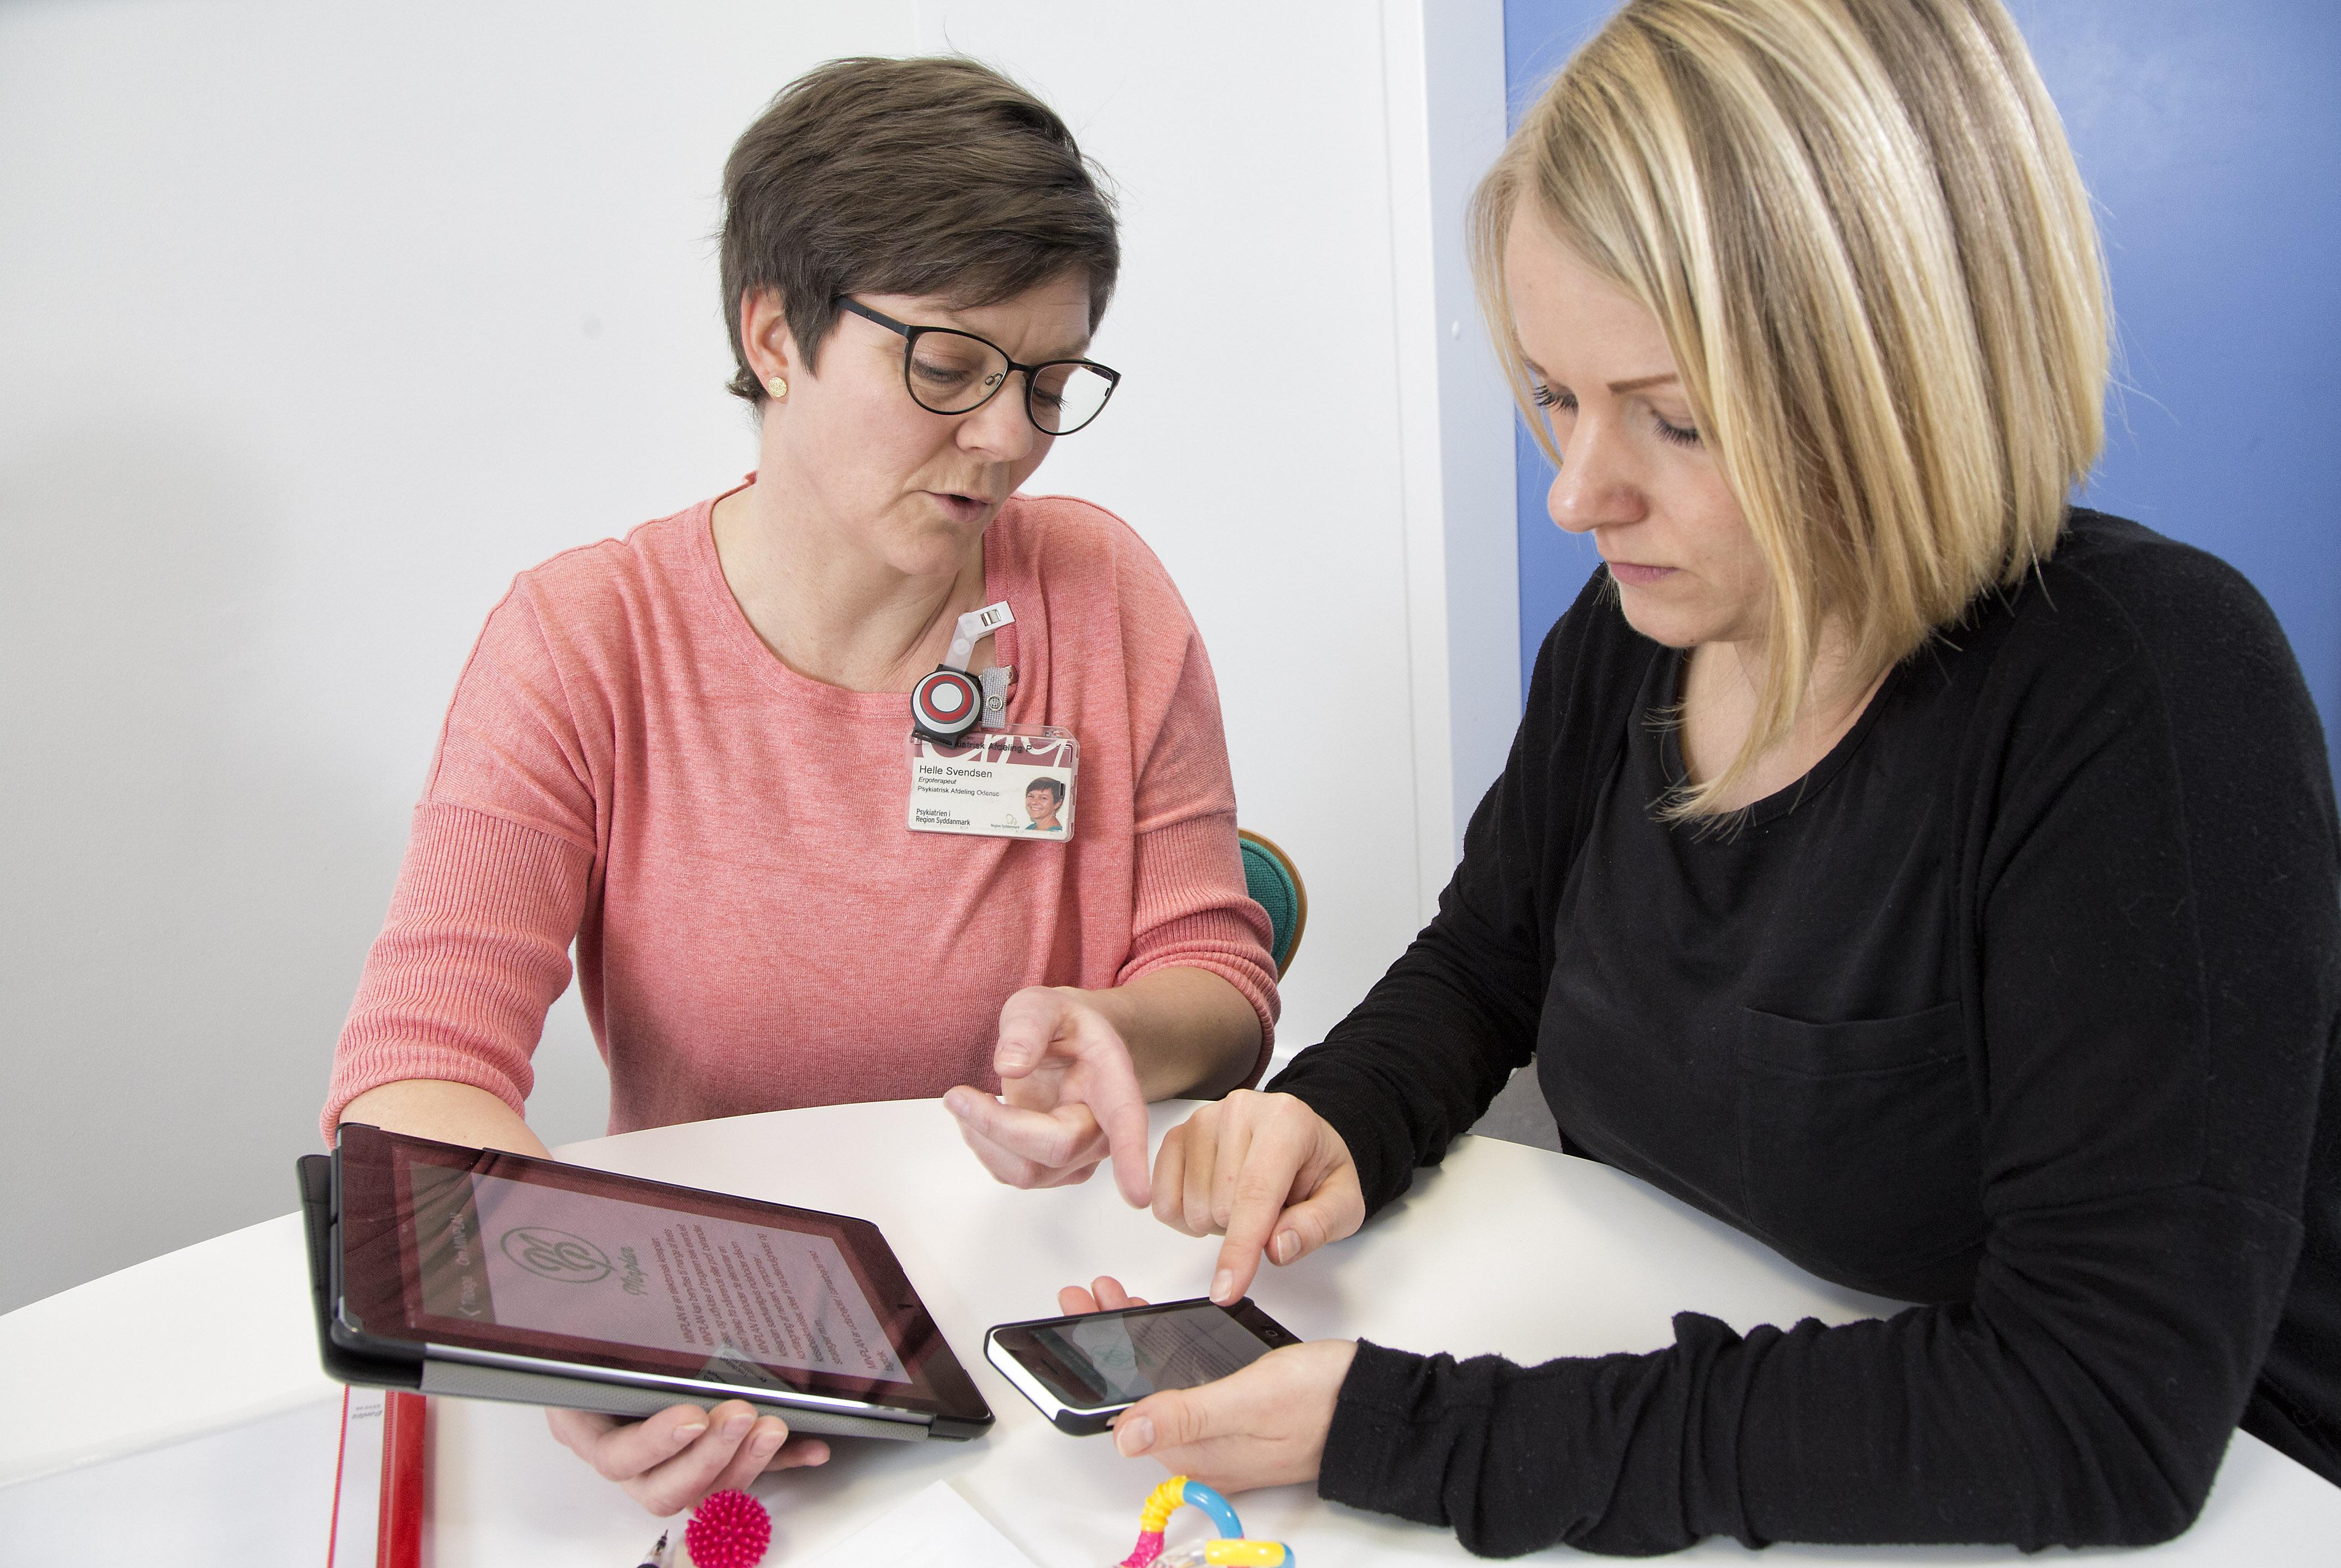 - MinPlan skal ses som en hjælpende hånd i hverdagen, der gør patienterne til herre i eget liv. De vil forhåbentlig blive indlagt med tvang færre gange og overtage noget af ansvaret selv – netop ved at benytte de løsninger og strategier, der er indtastet på appen, siger Helle Nystrøm Svendsen.